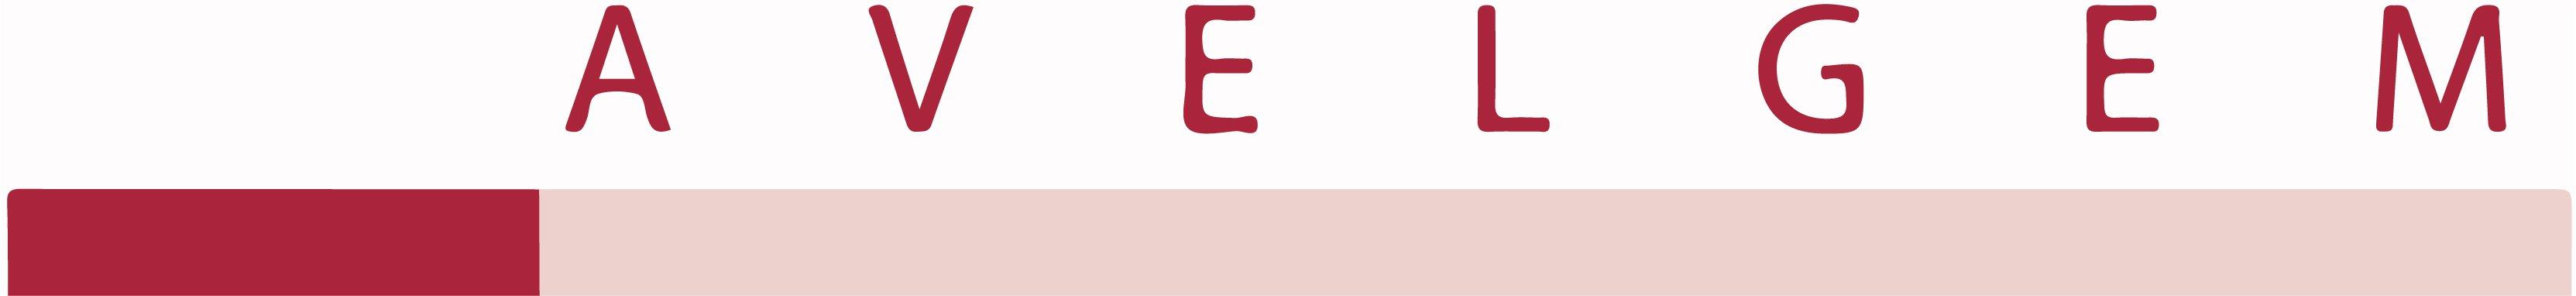 logo avelgem kleur